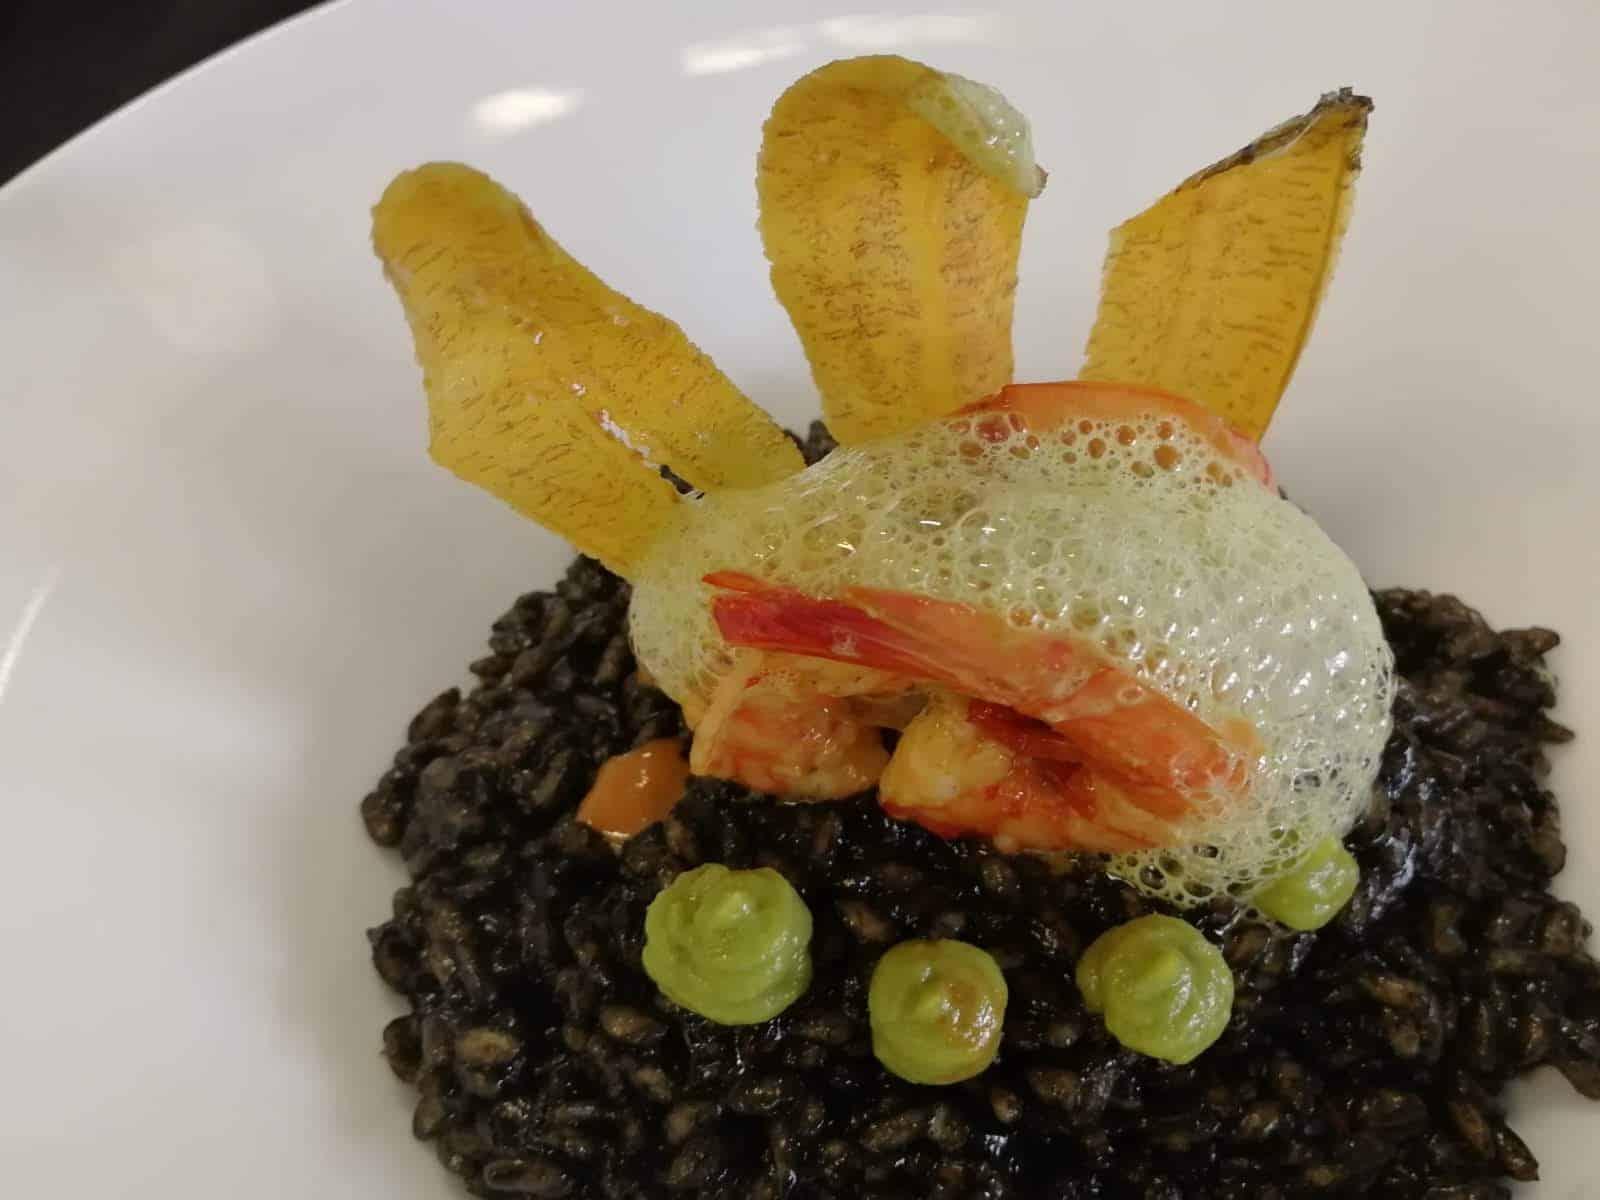 escuela-cocina-villa-retiro-cursos-chef-marianzo-gonzalvo--fran-lopez-estrella-michelin-xerta-barcelona